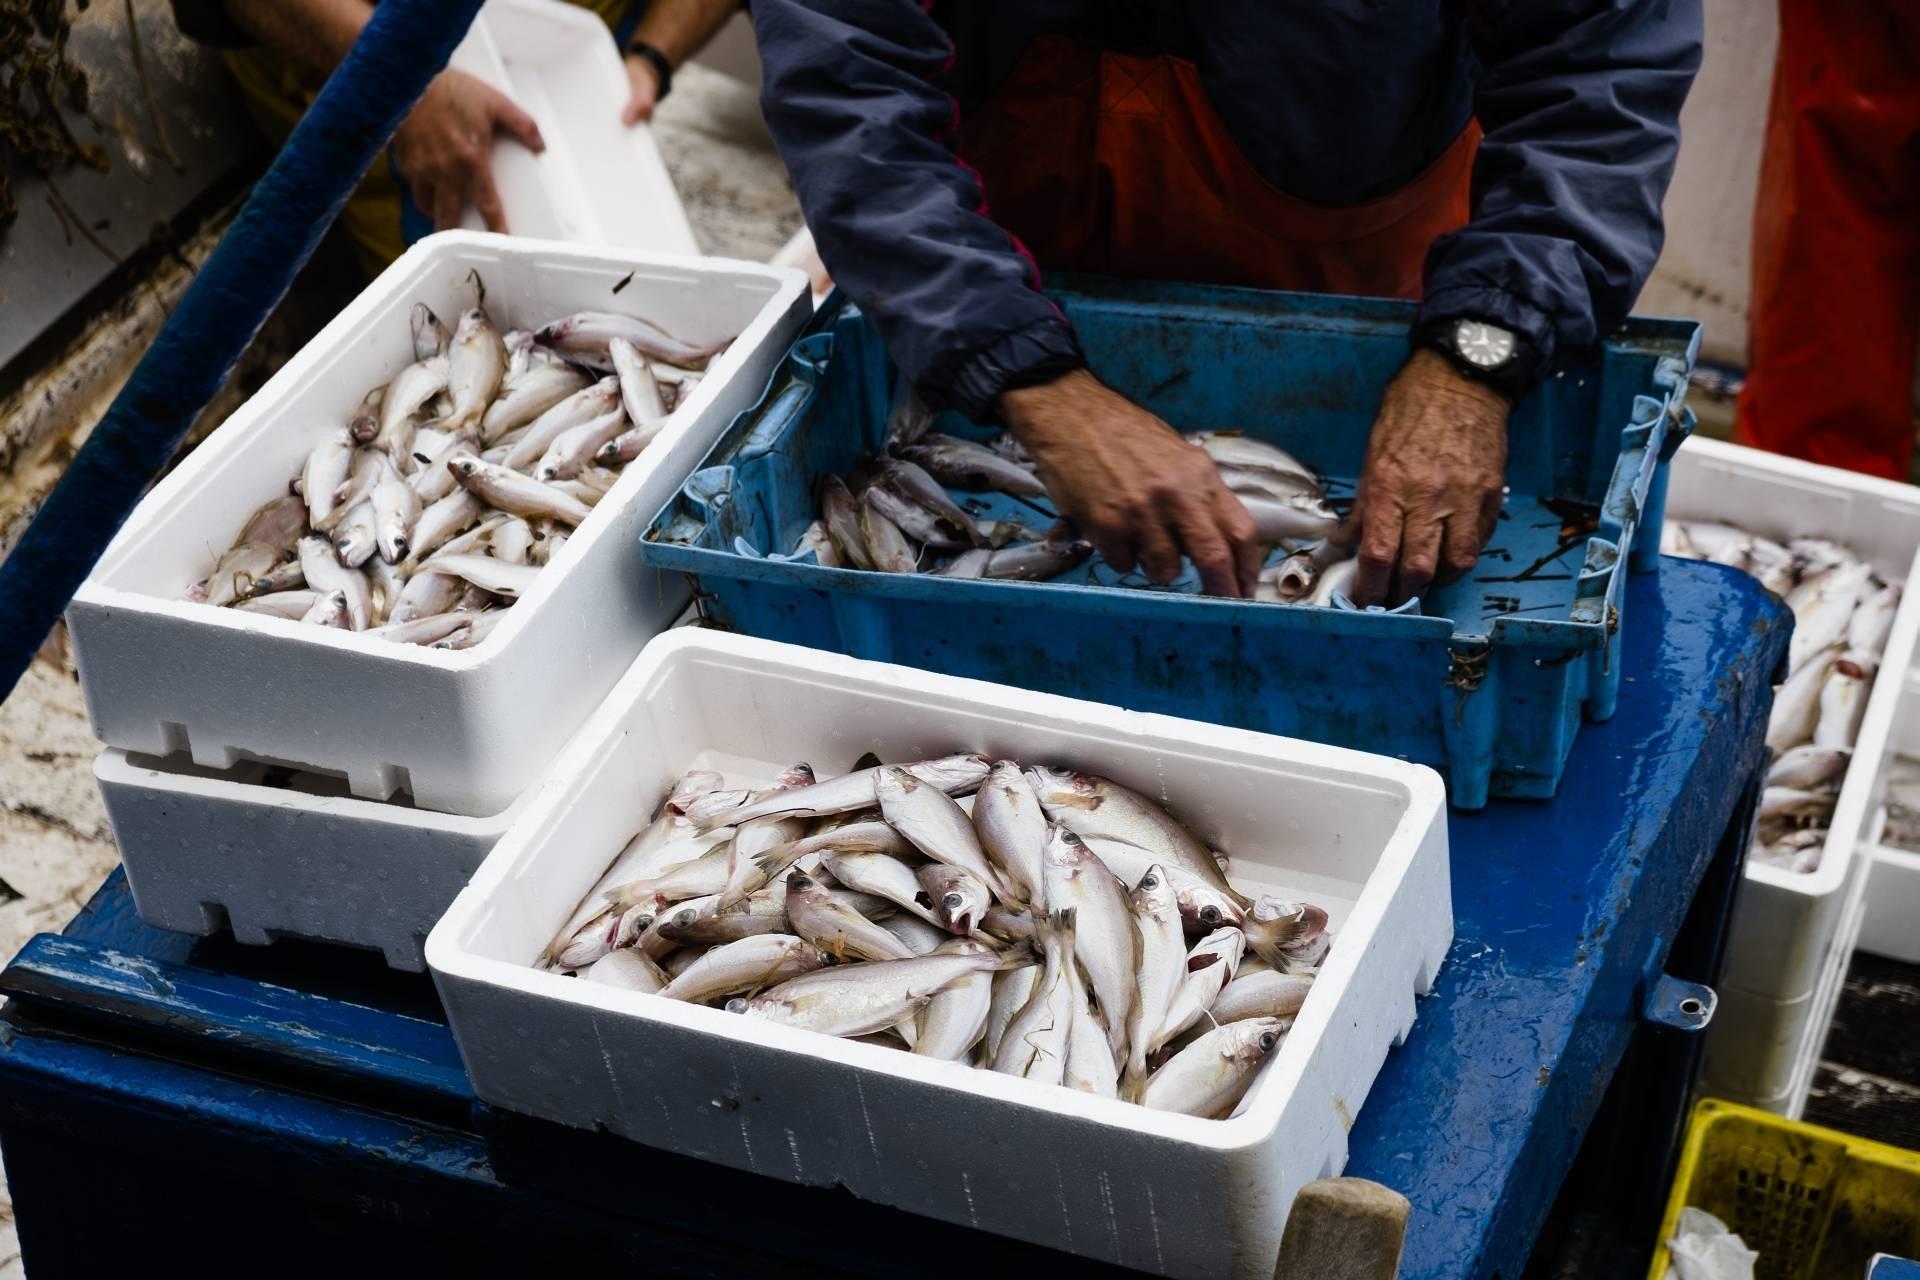 Lokalne rynki rybne - jak wspierać rybaków, a jednocześnie dbać o życie w oceanach?